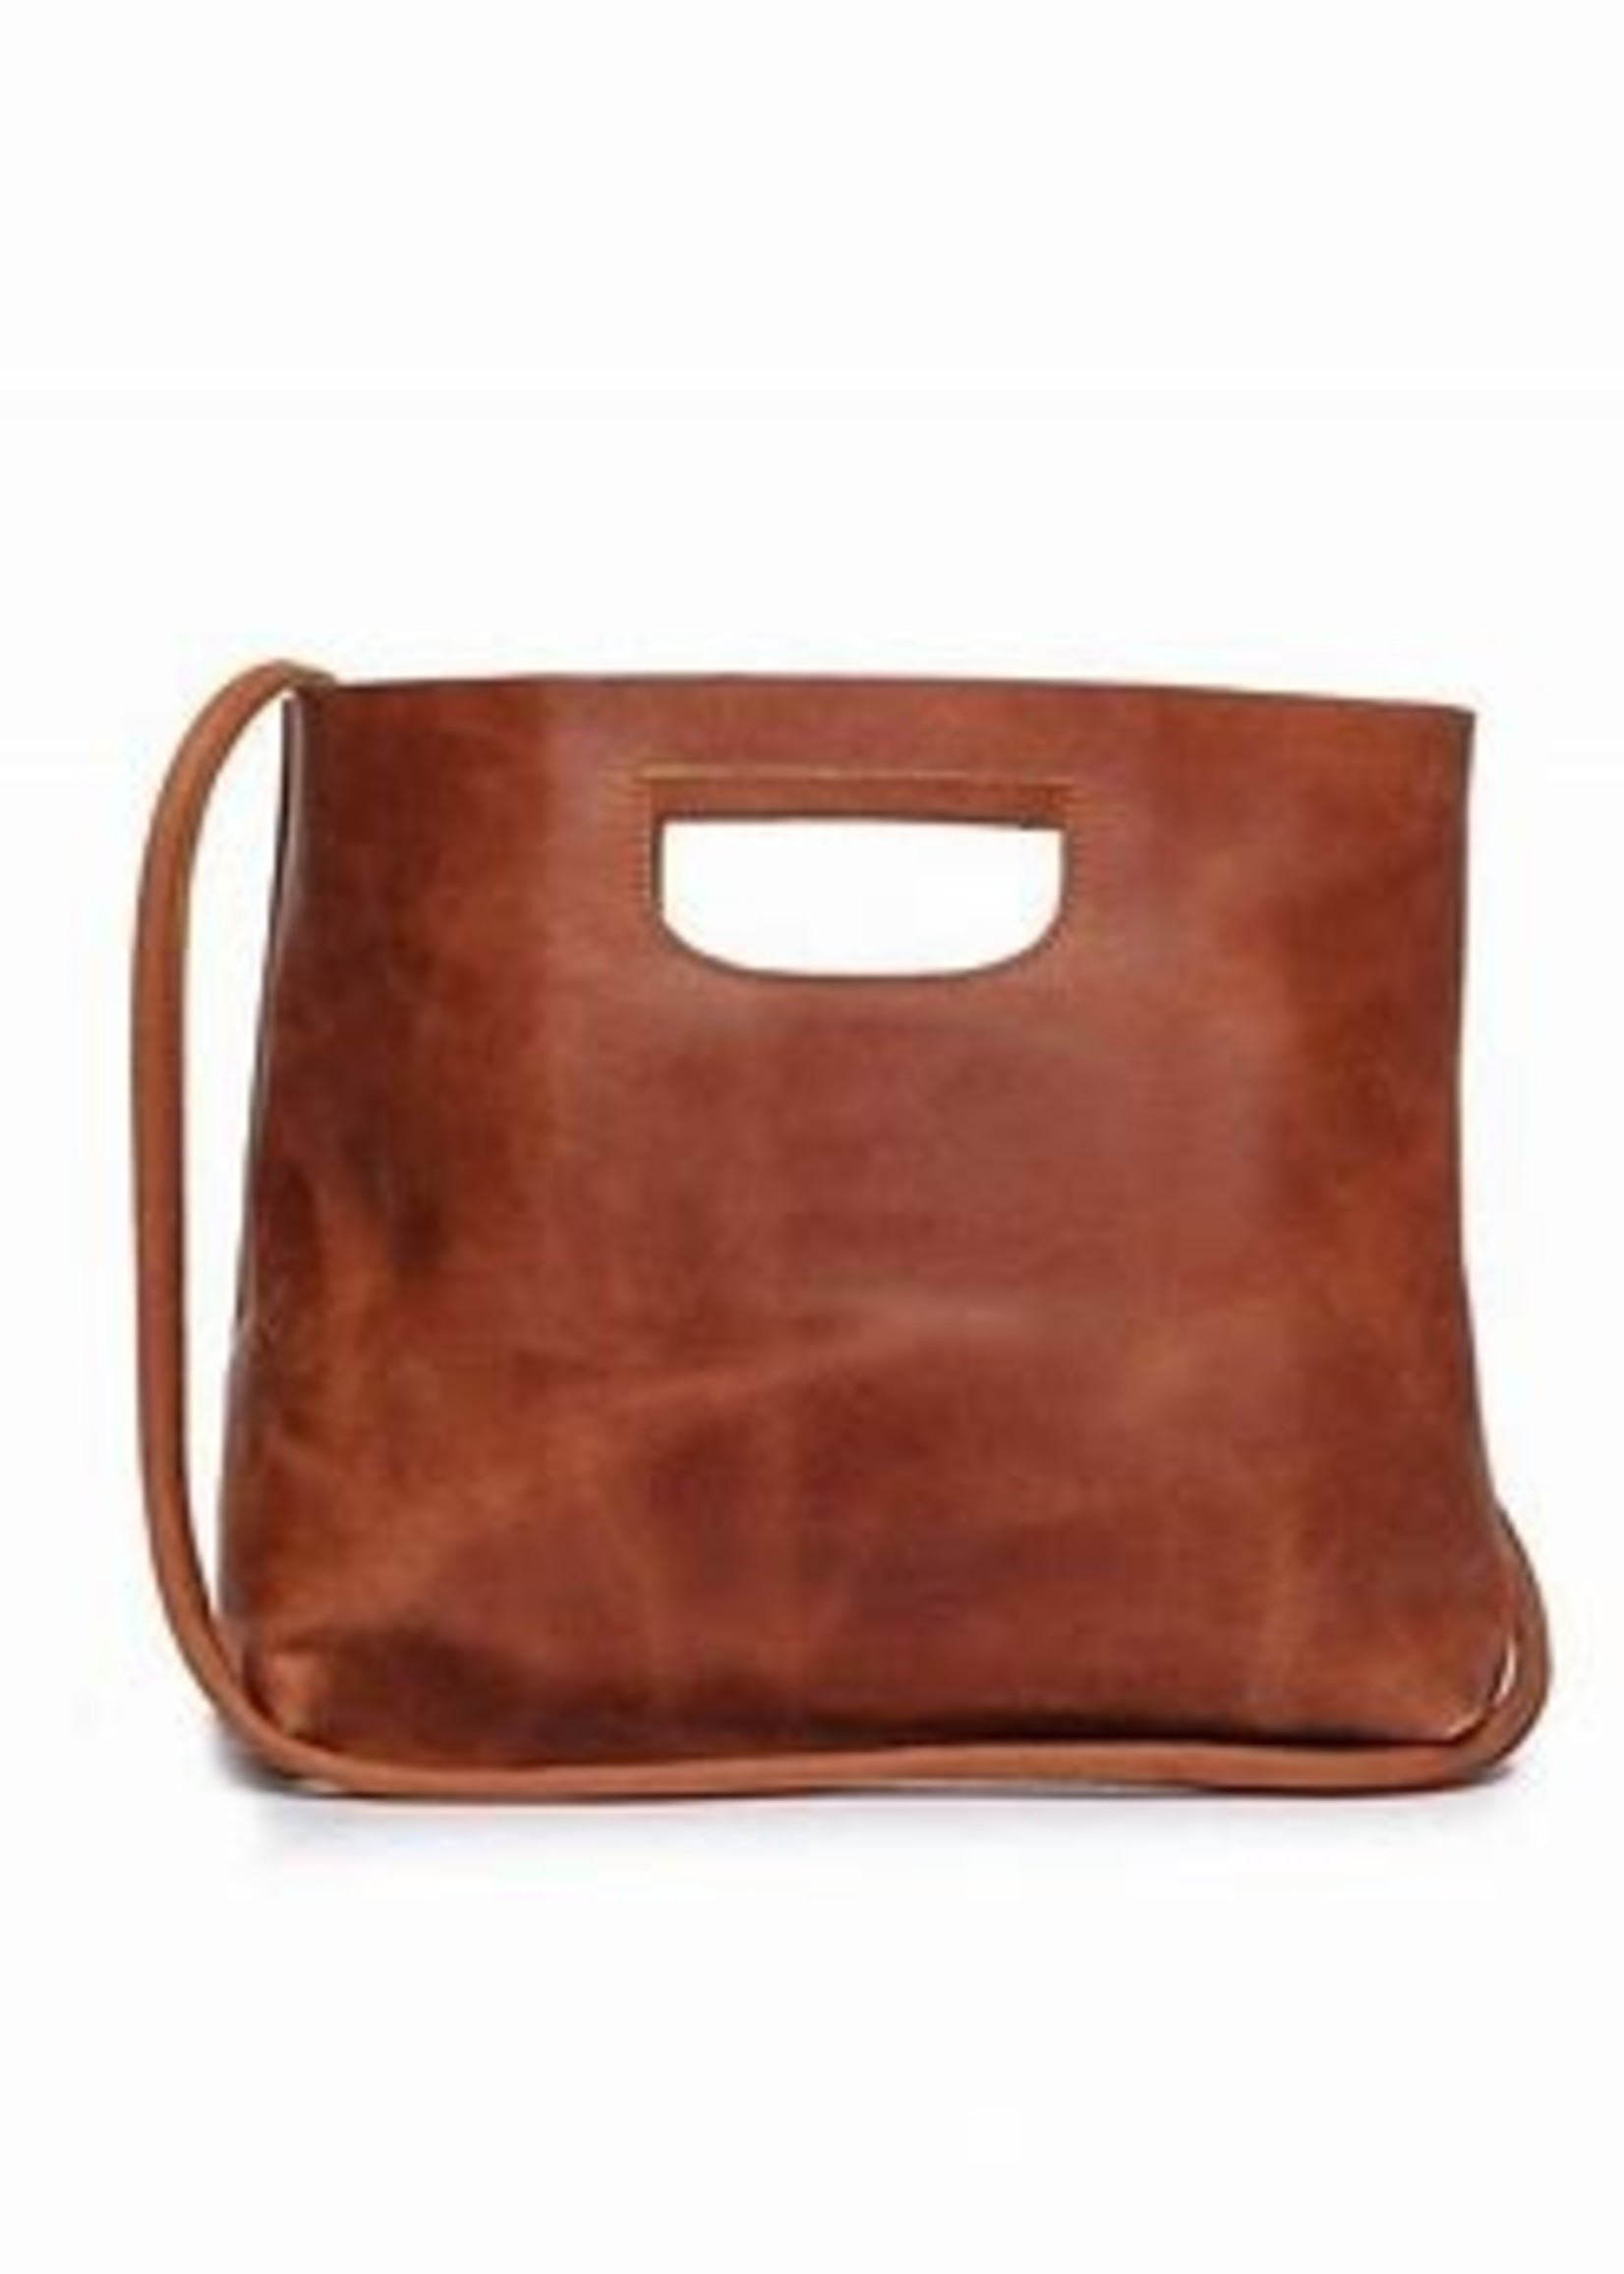 Able Leather Able Leather Handbag - Hanna